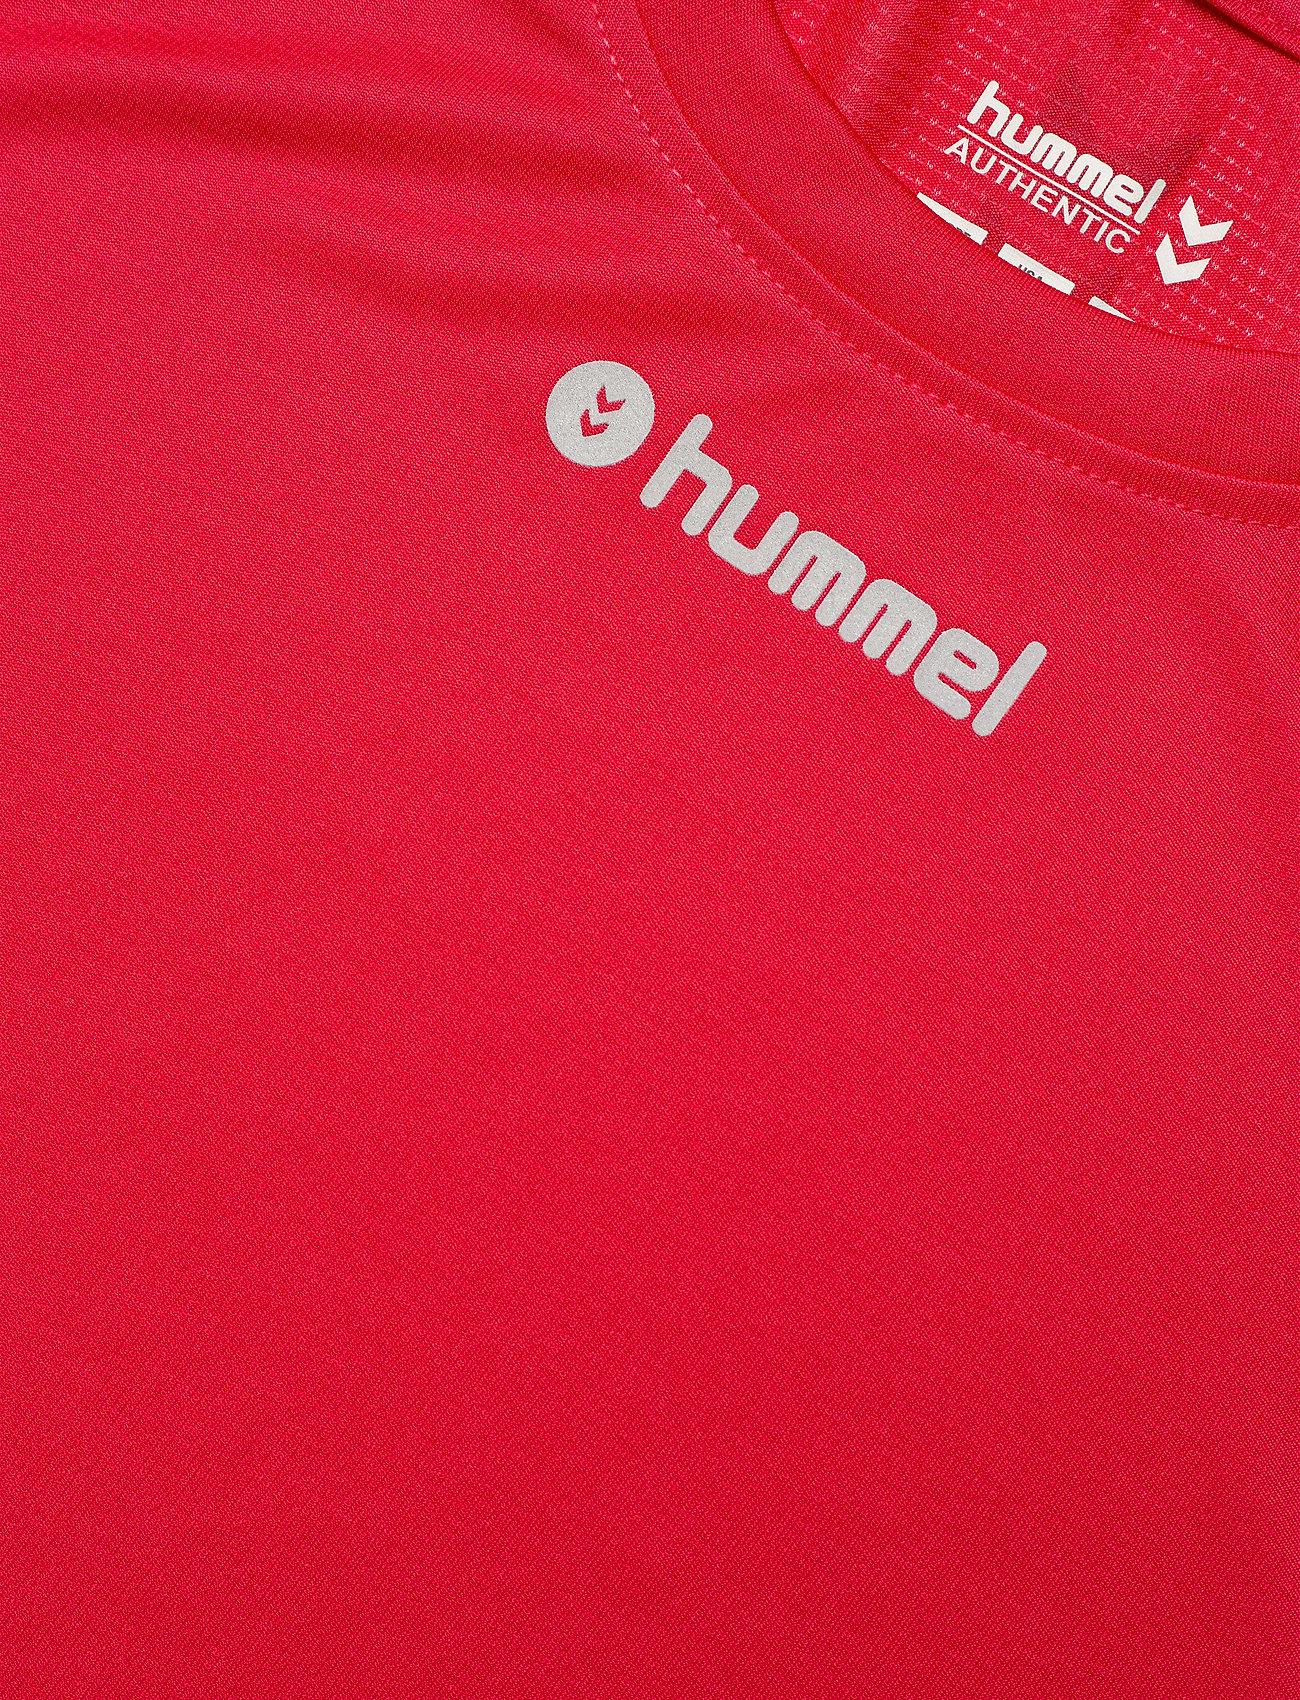 Футболка Hummel Sport (3187) photo 0